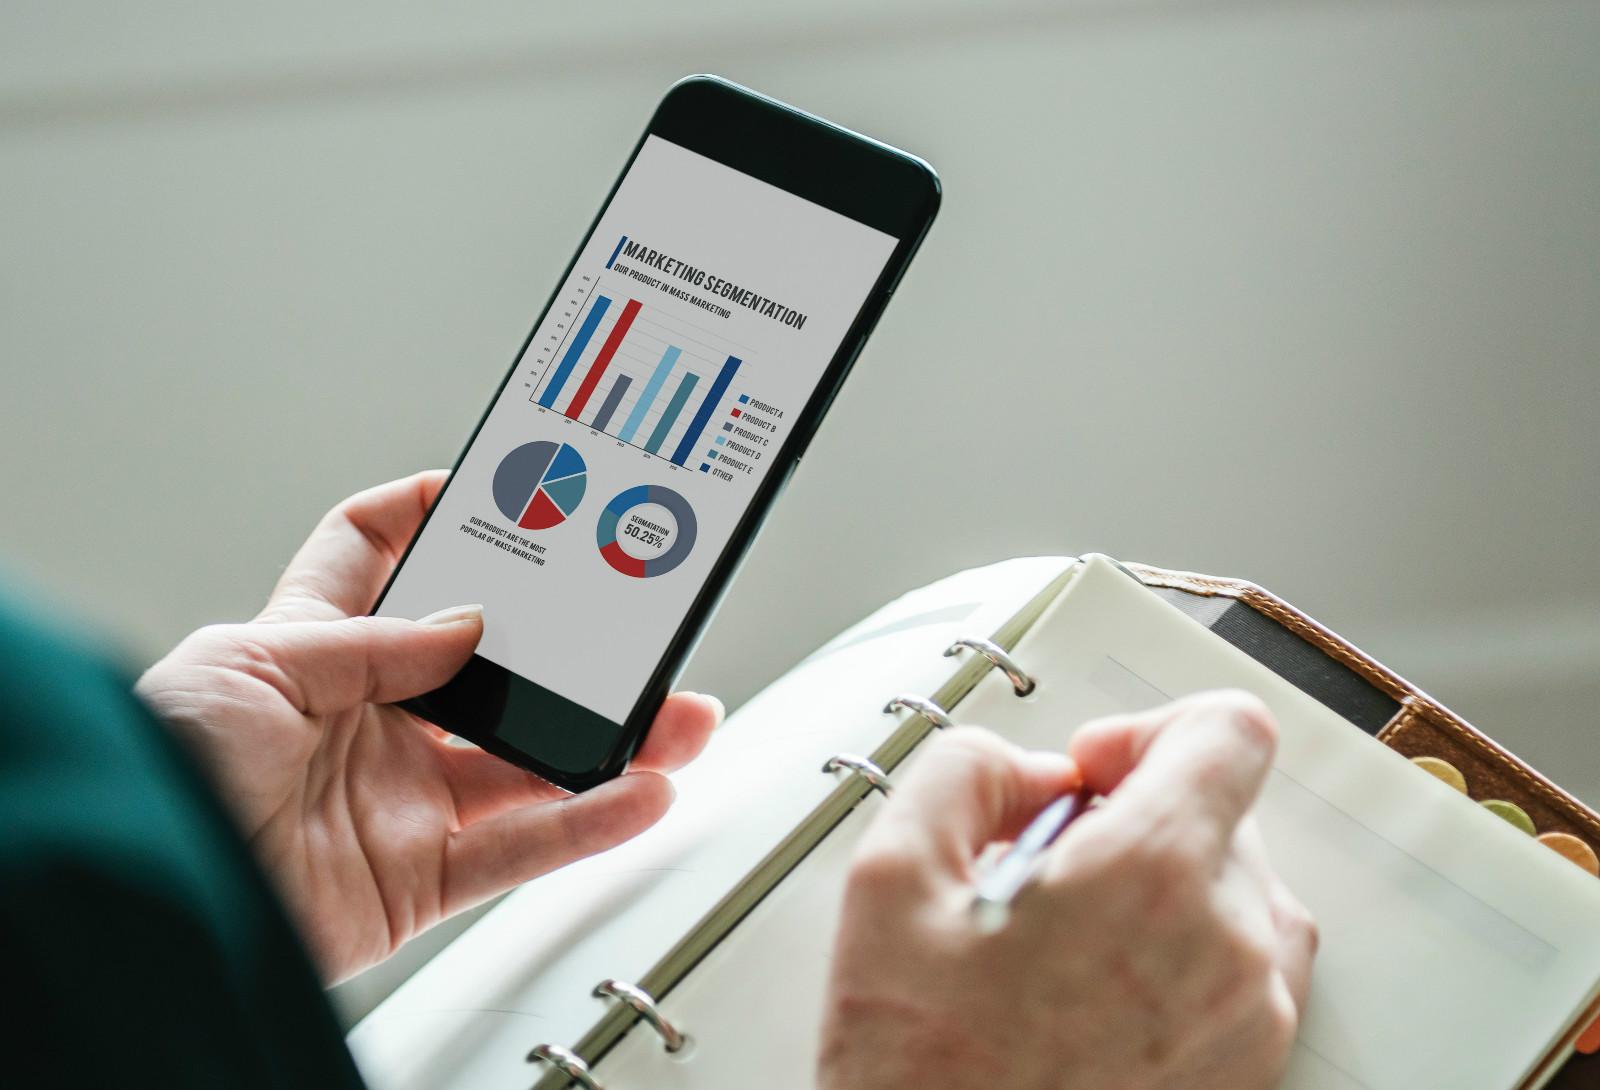 【企服干货】从0到1,企业如何快速搭建精准营销体系